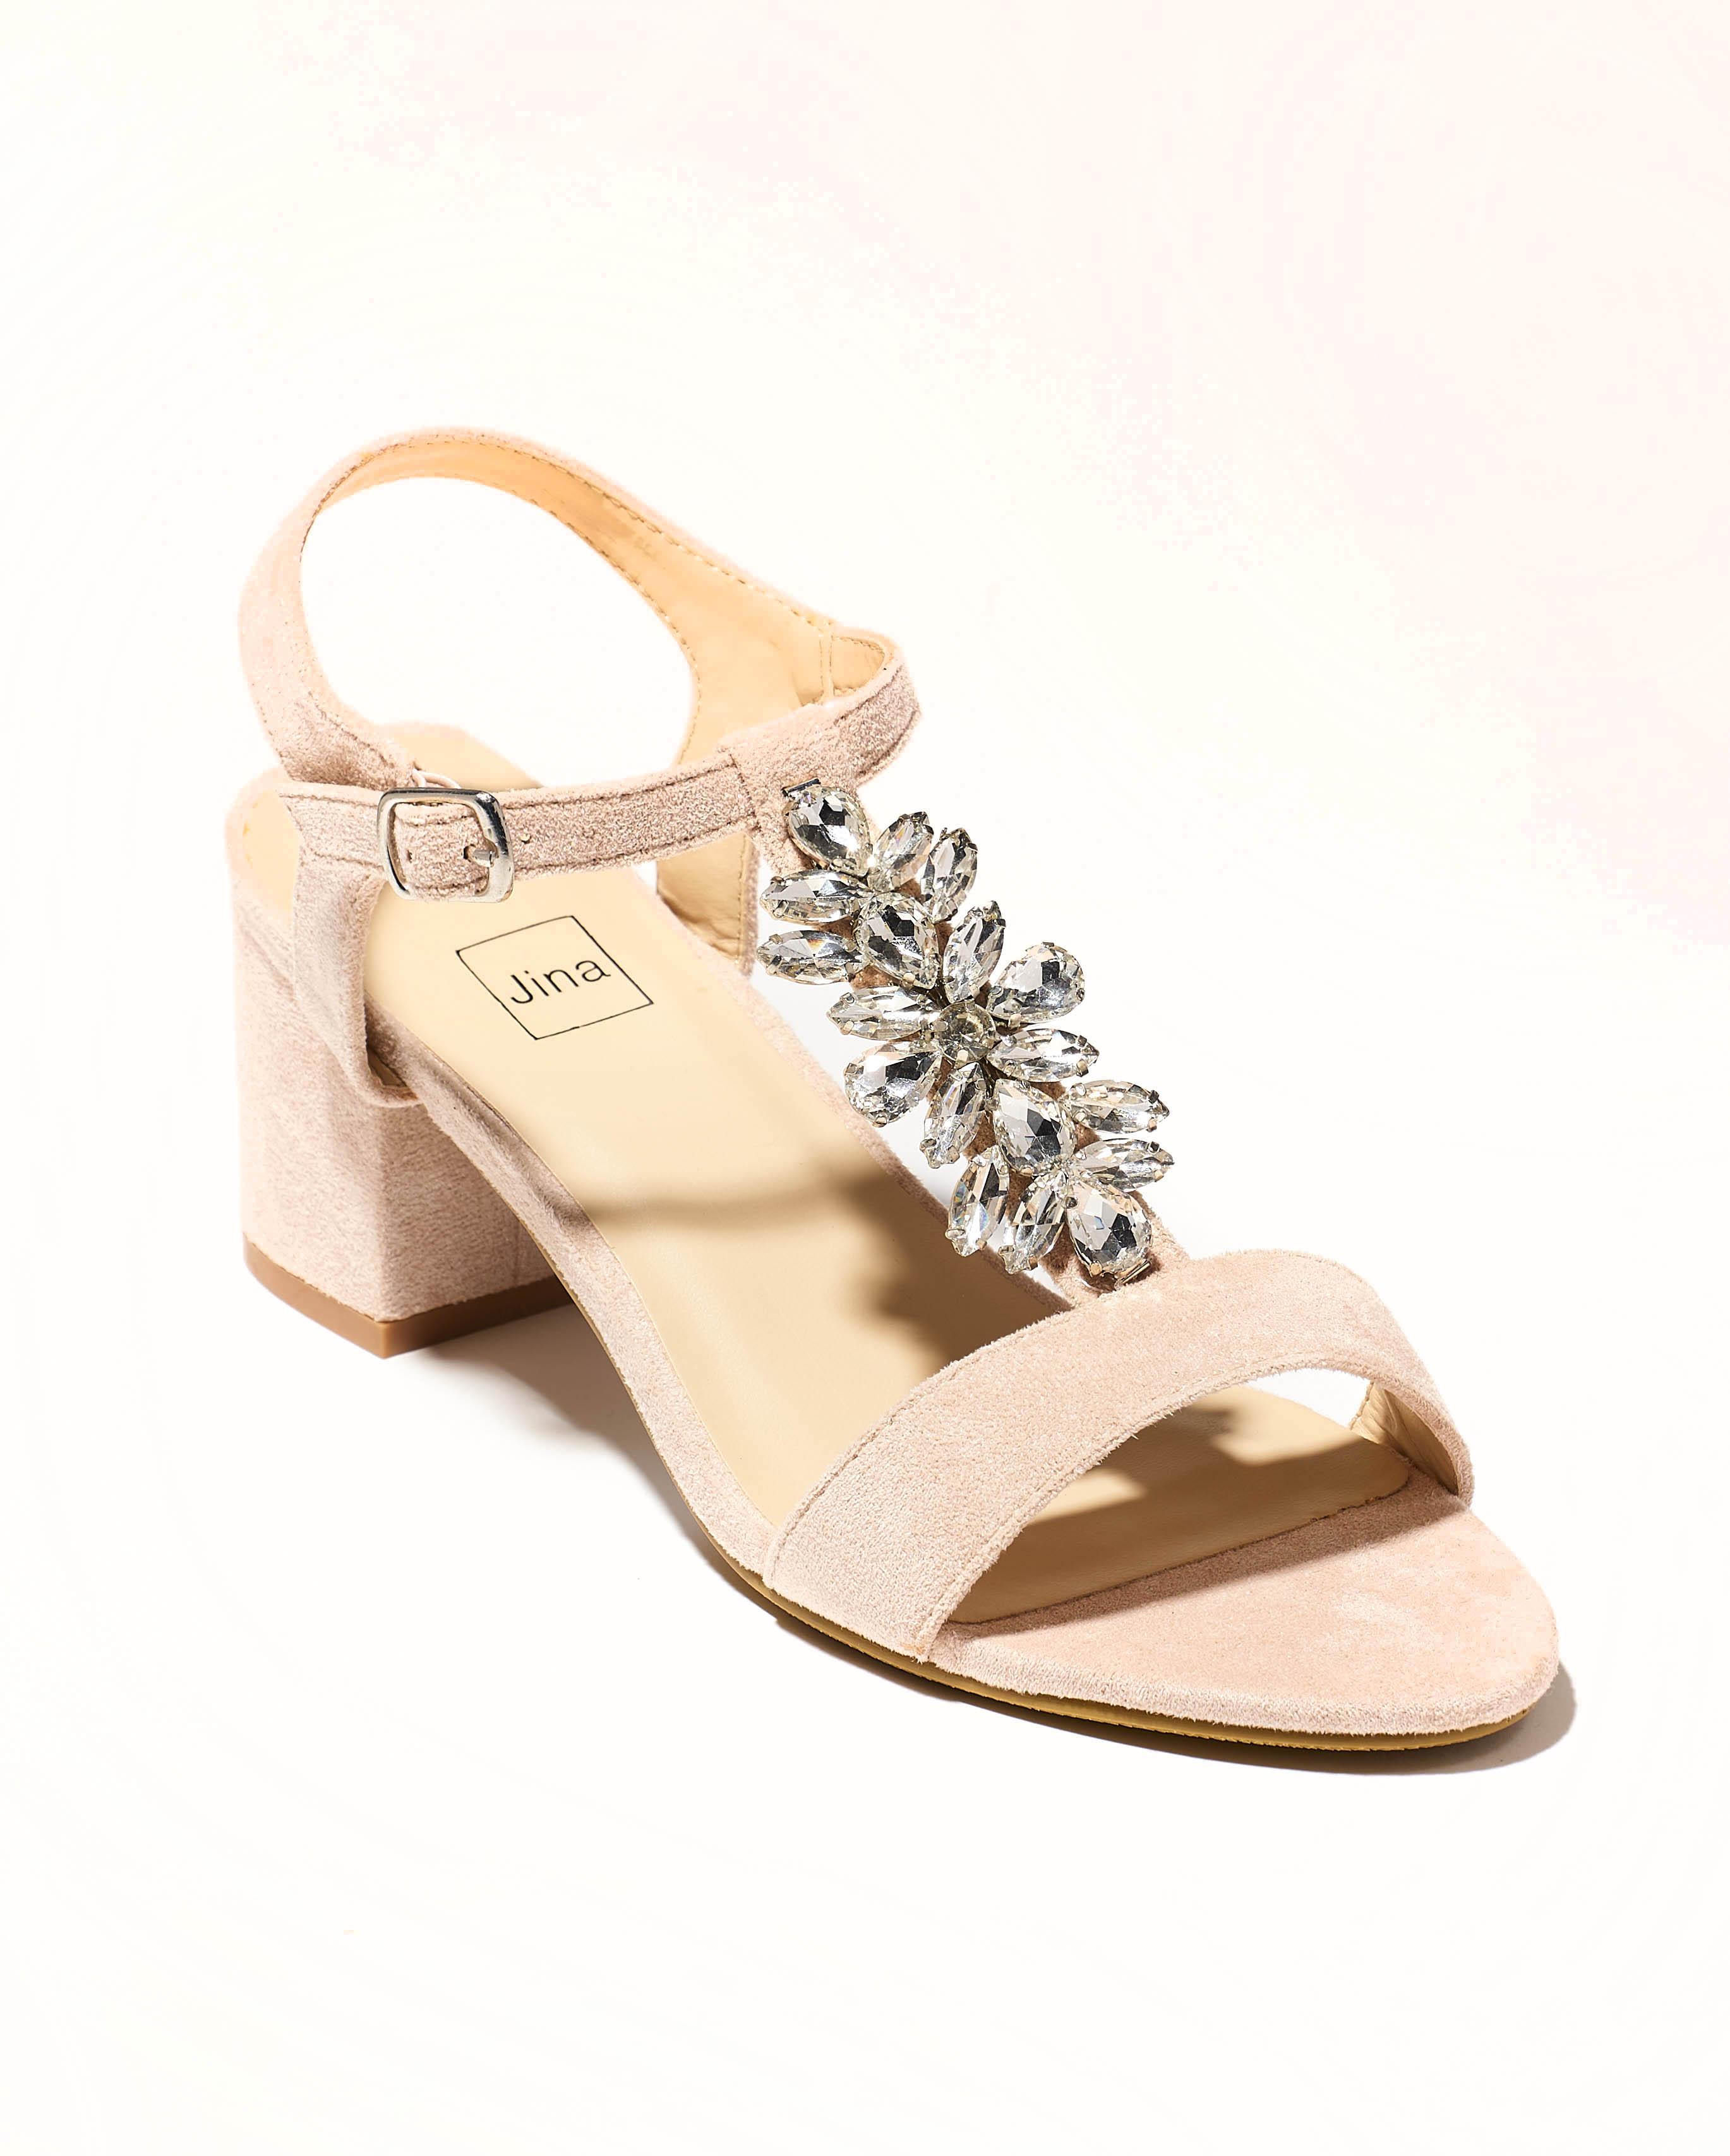 Sandales À Talons Femme - Sandale Talon Decrochee Nude Jina - Ls1682-Df5